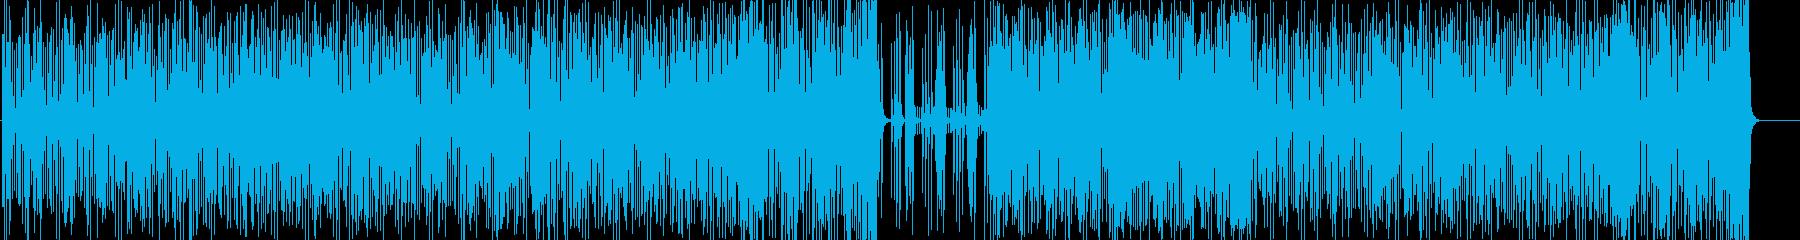 スリリングでタイトなフュージョンの再生済みの波形